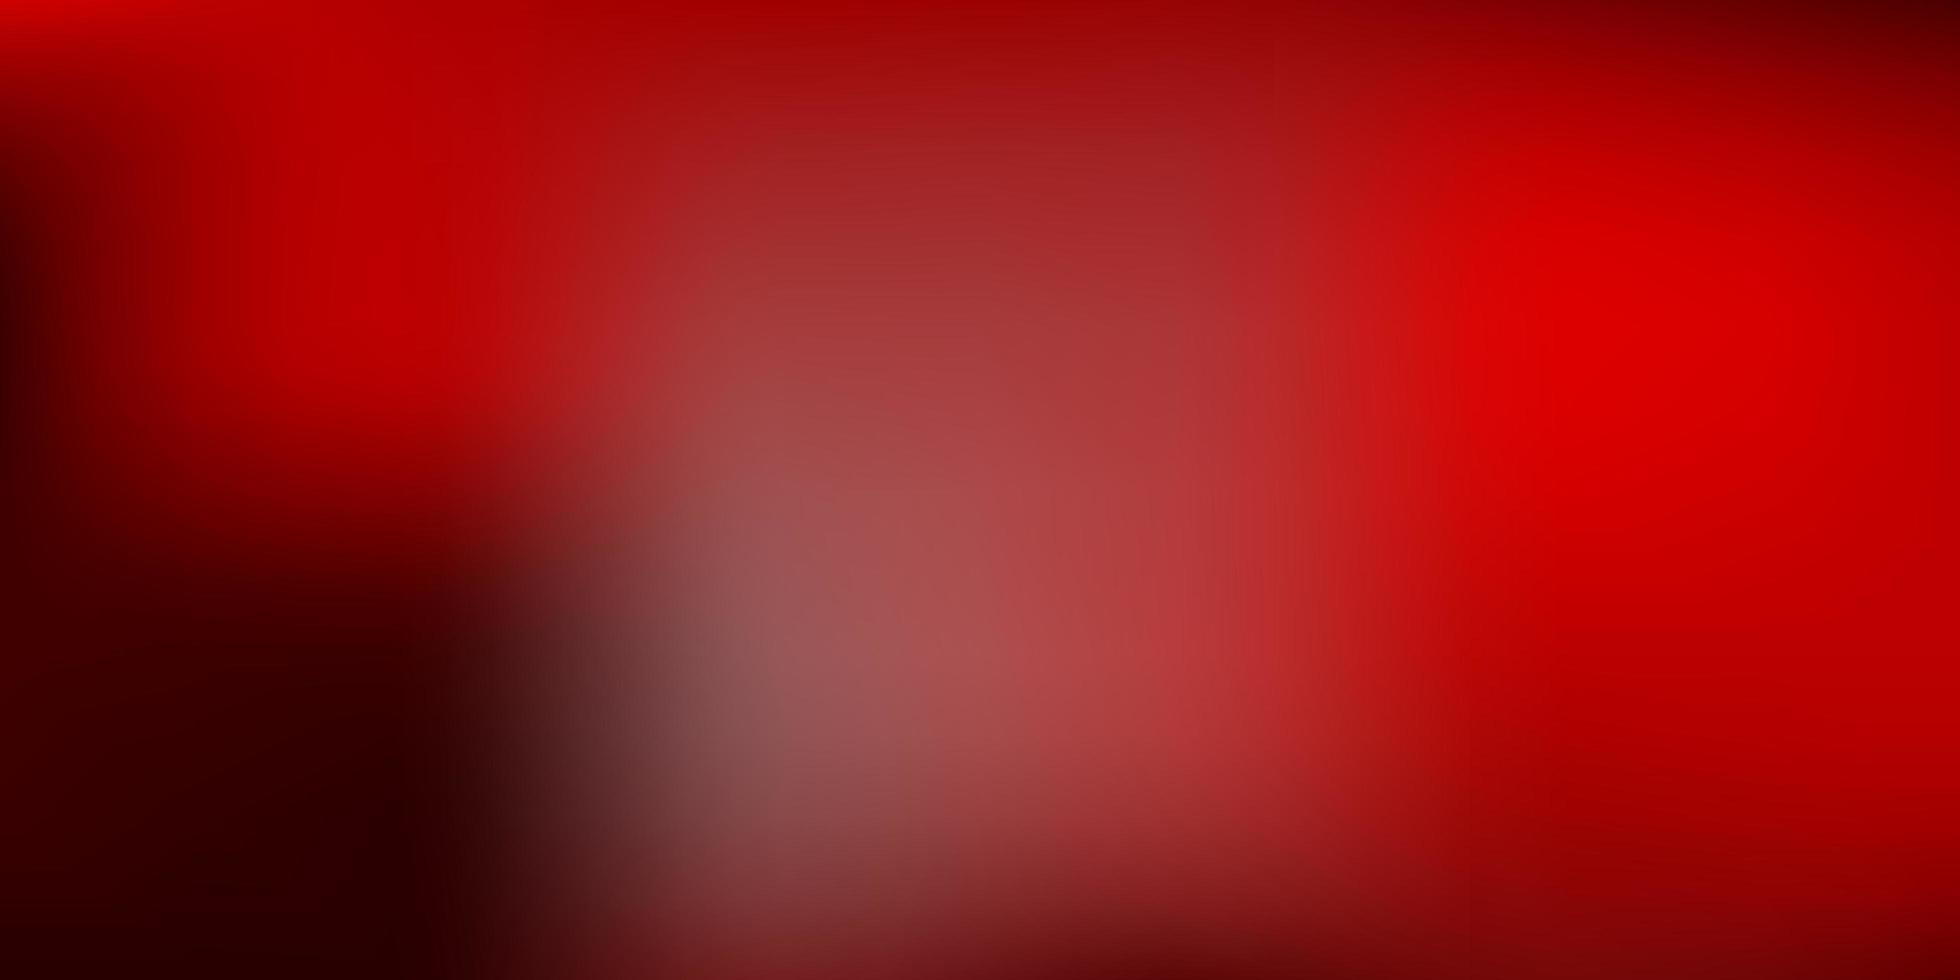 dunkelrote Farbverlaufsschablone. vektor